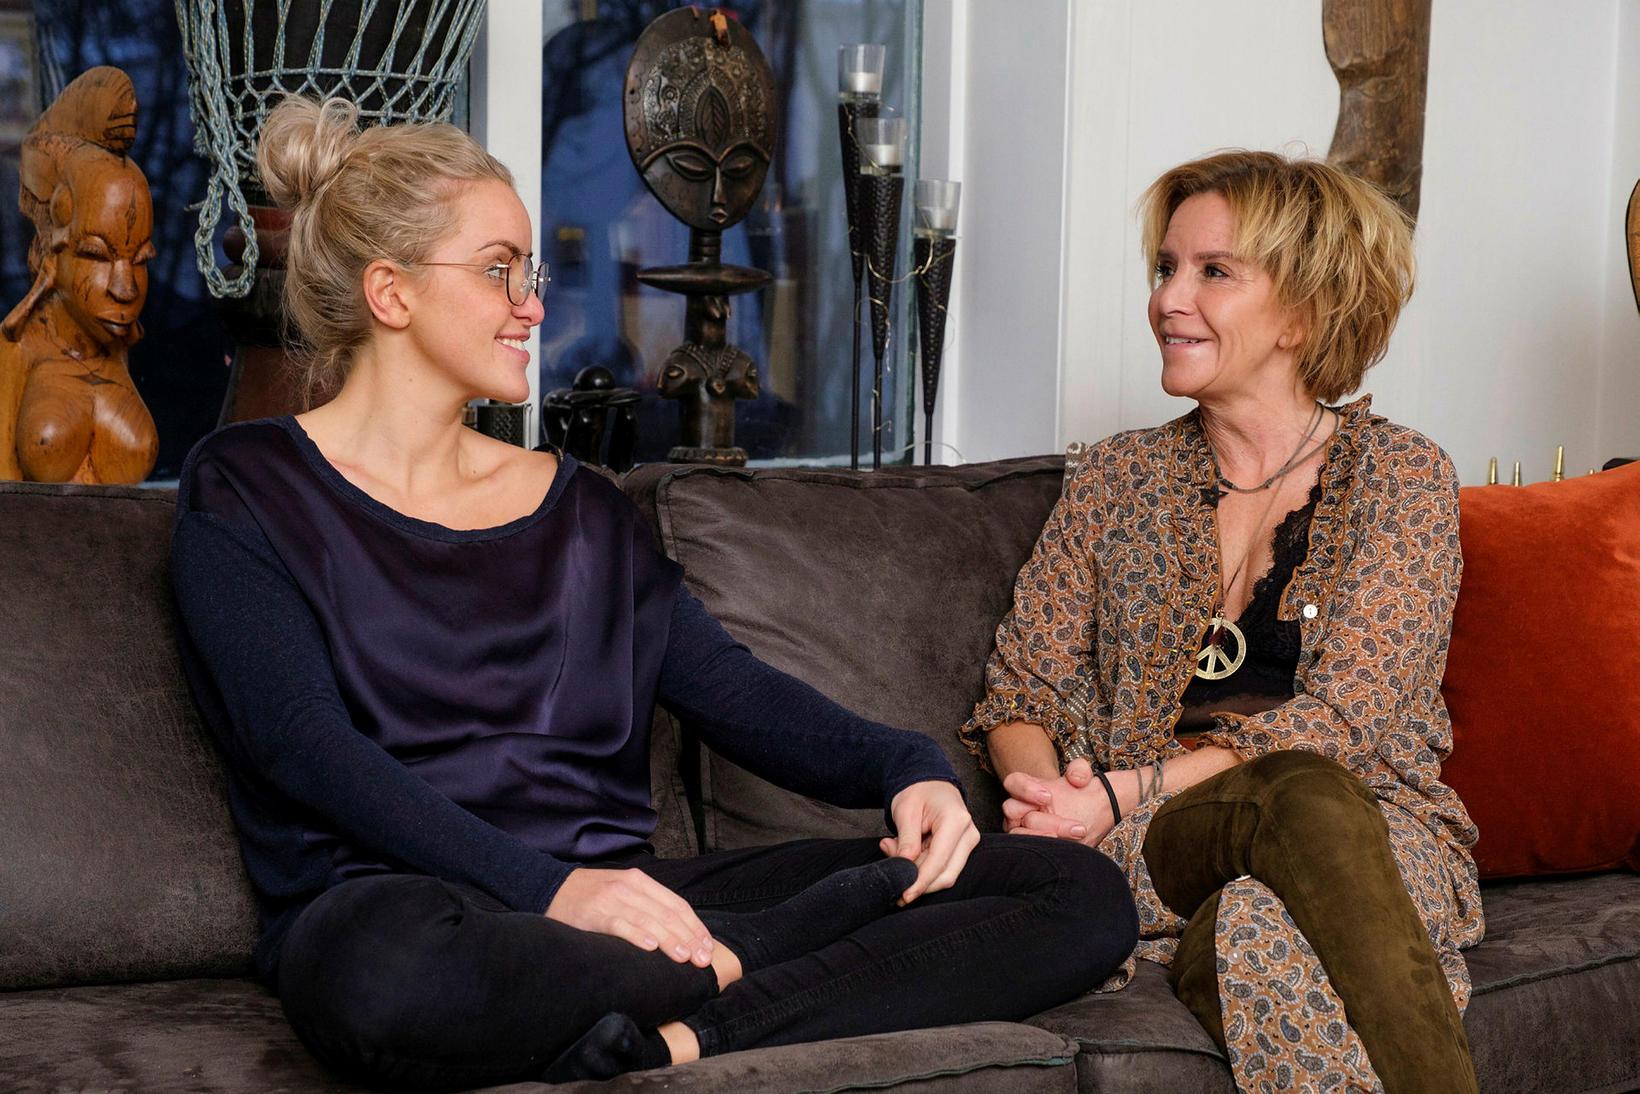 Mæðgurnar Sonja Símonardóttir og Inga Dóra Sigfúsdóttir.